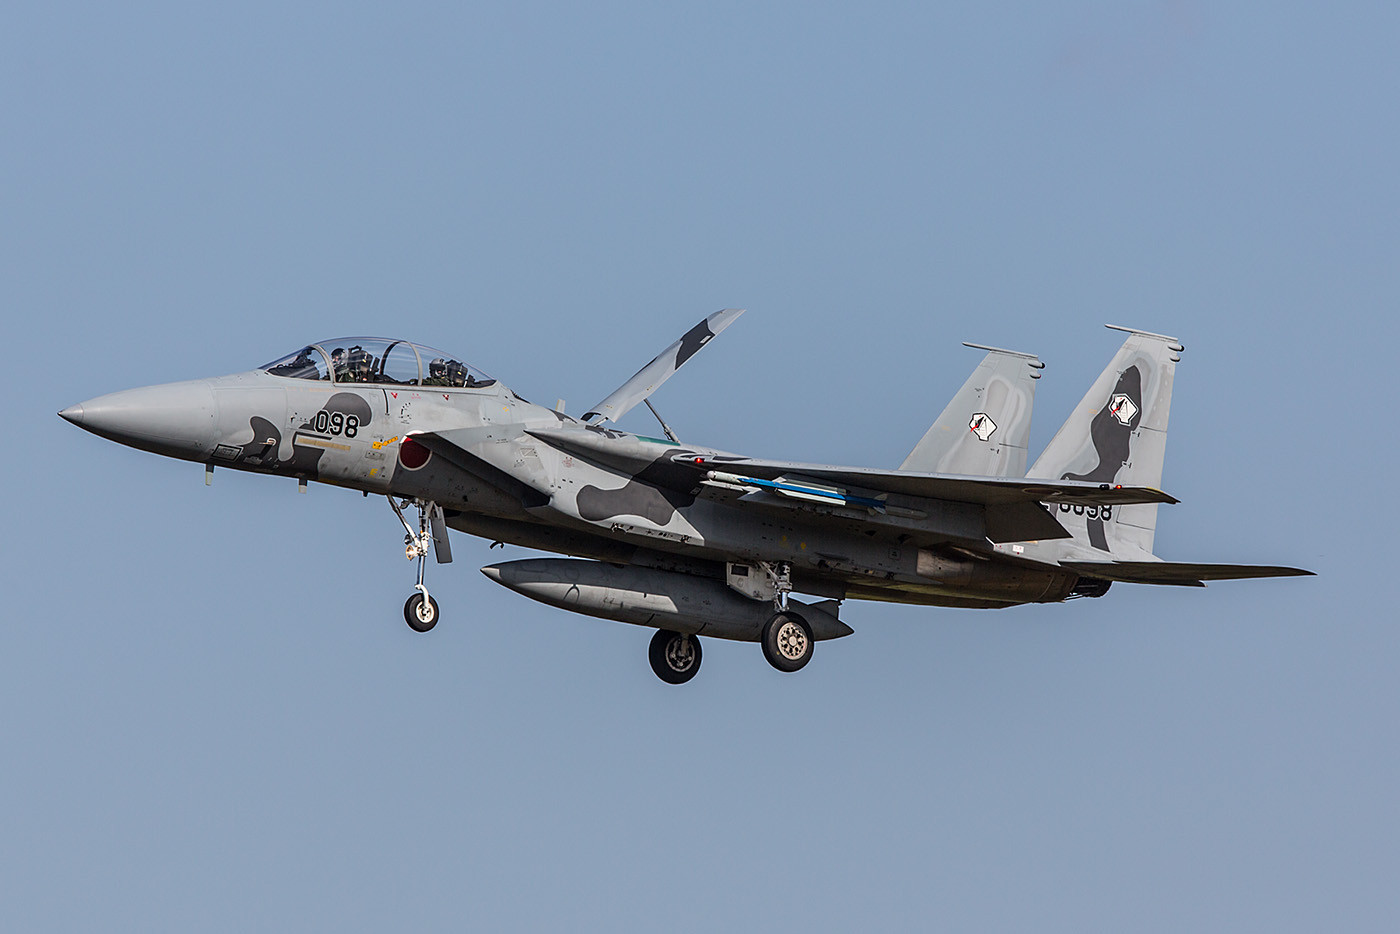 Sehr interessant auch die 92-8098 in einer grauen Camouflage, sie ist die letzte für Japan gebaute F-15DJ.